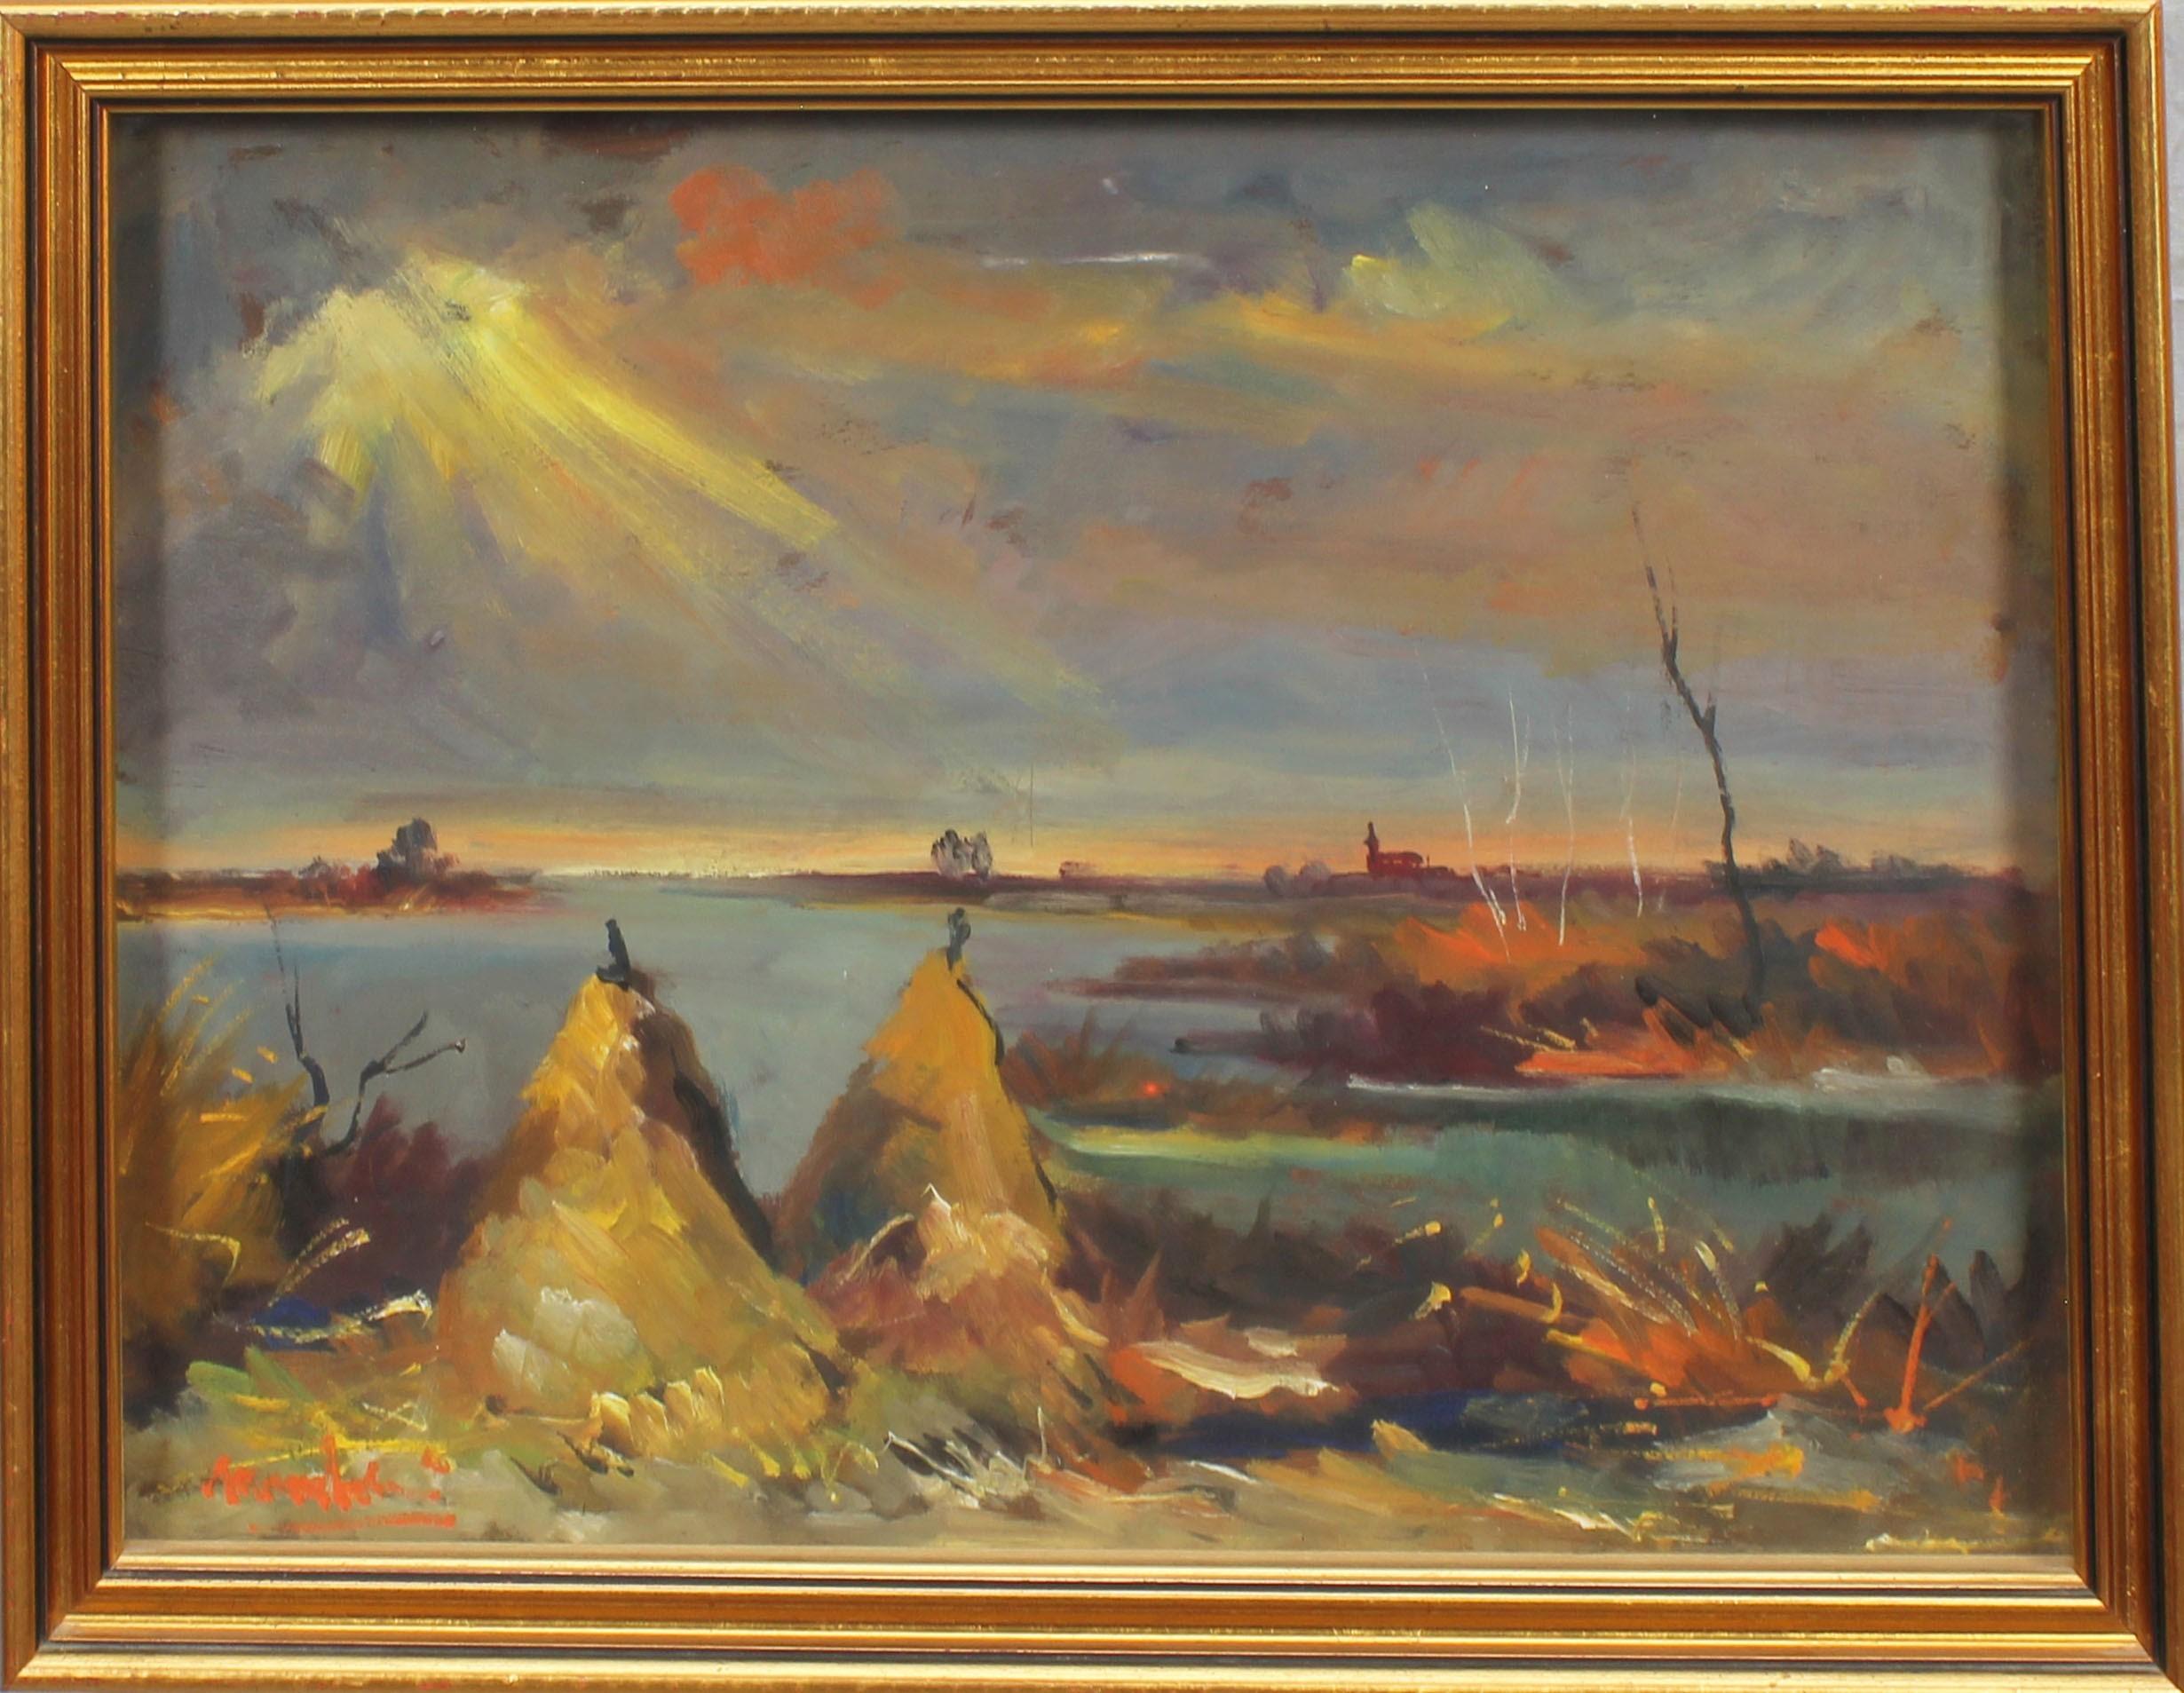 Lot 56 - Covoni con lago, a firma Maccabruni 1972, olio su cartone, cm. 41x29